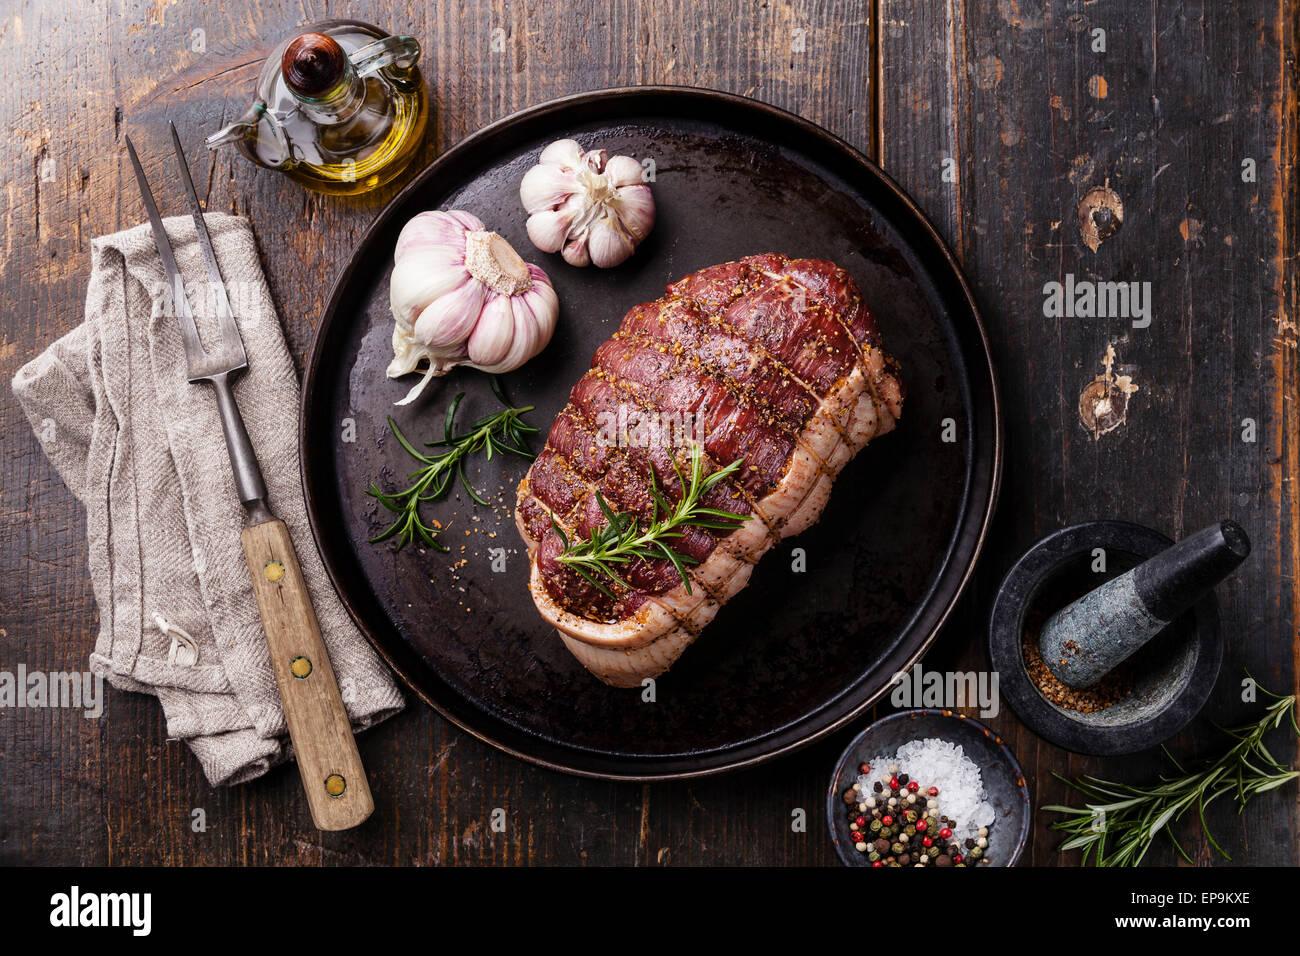 Rôti de bœuf cru Rump, assaisonnements et fourchette à viande sur fond de bois foncé Photo Stock